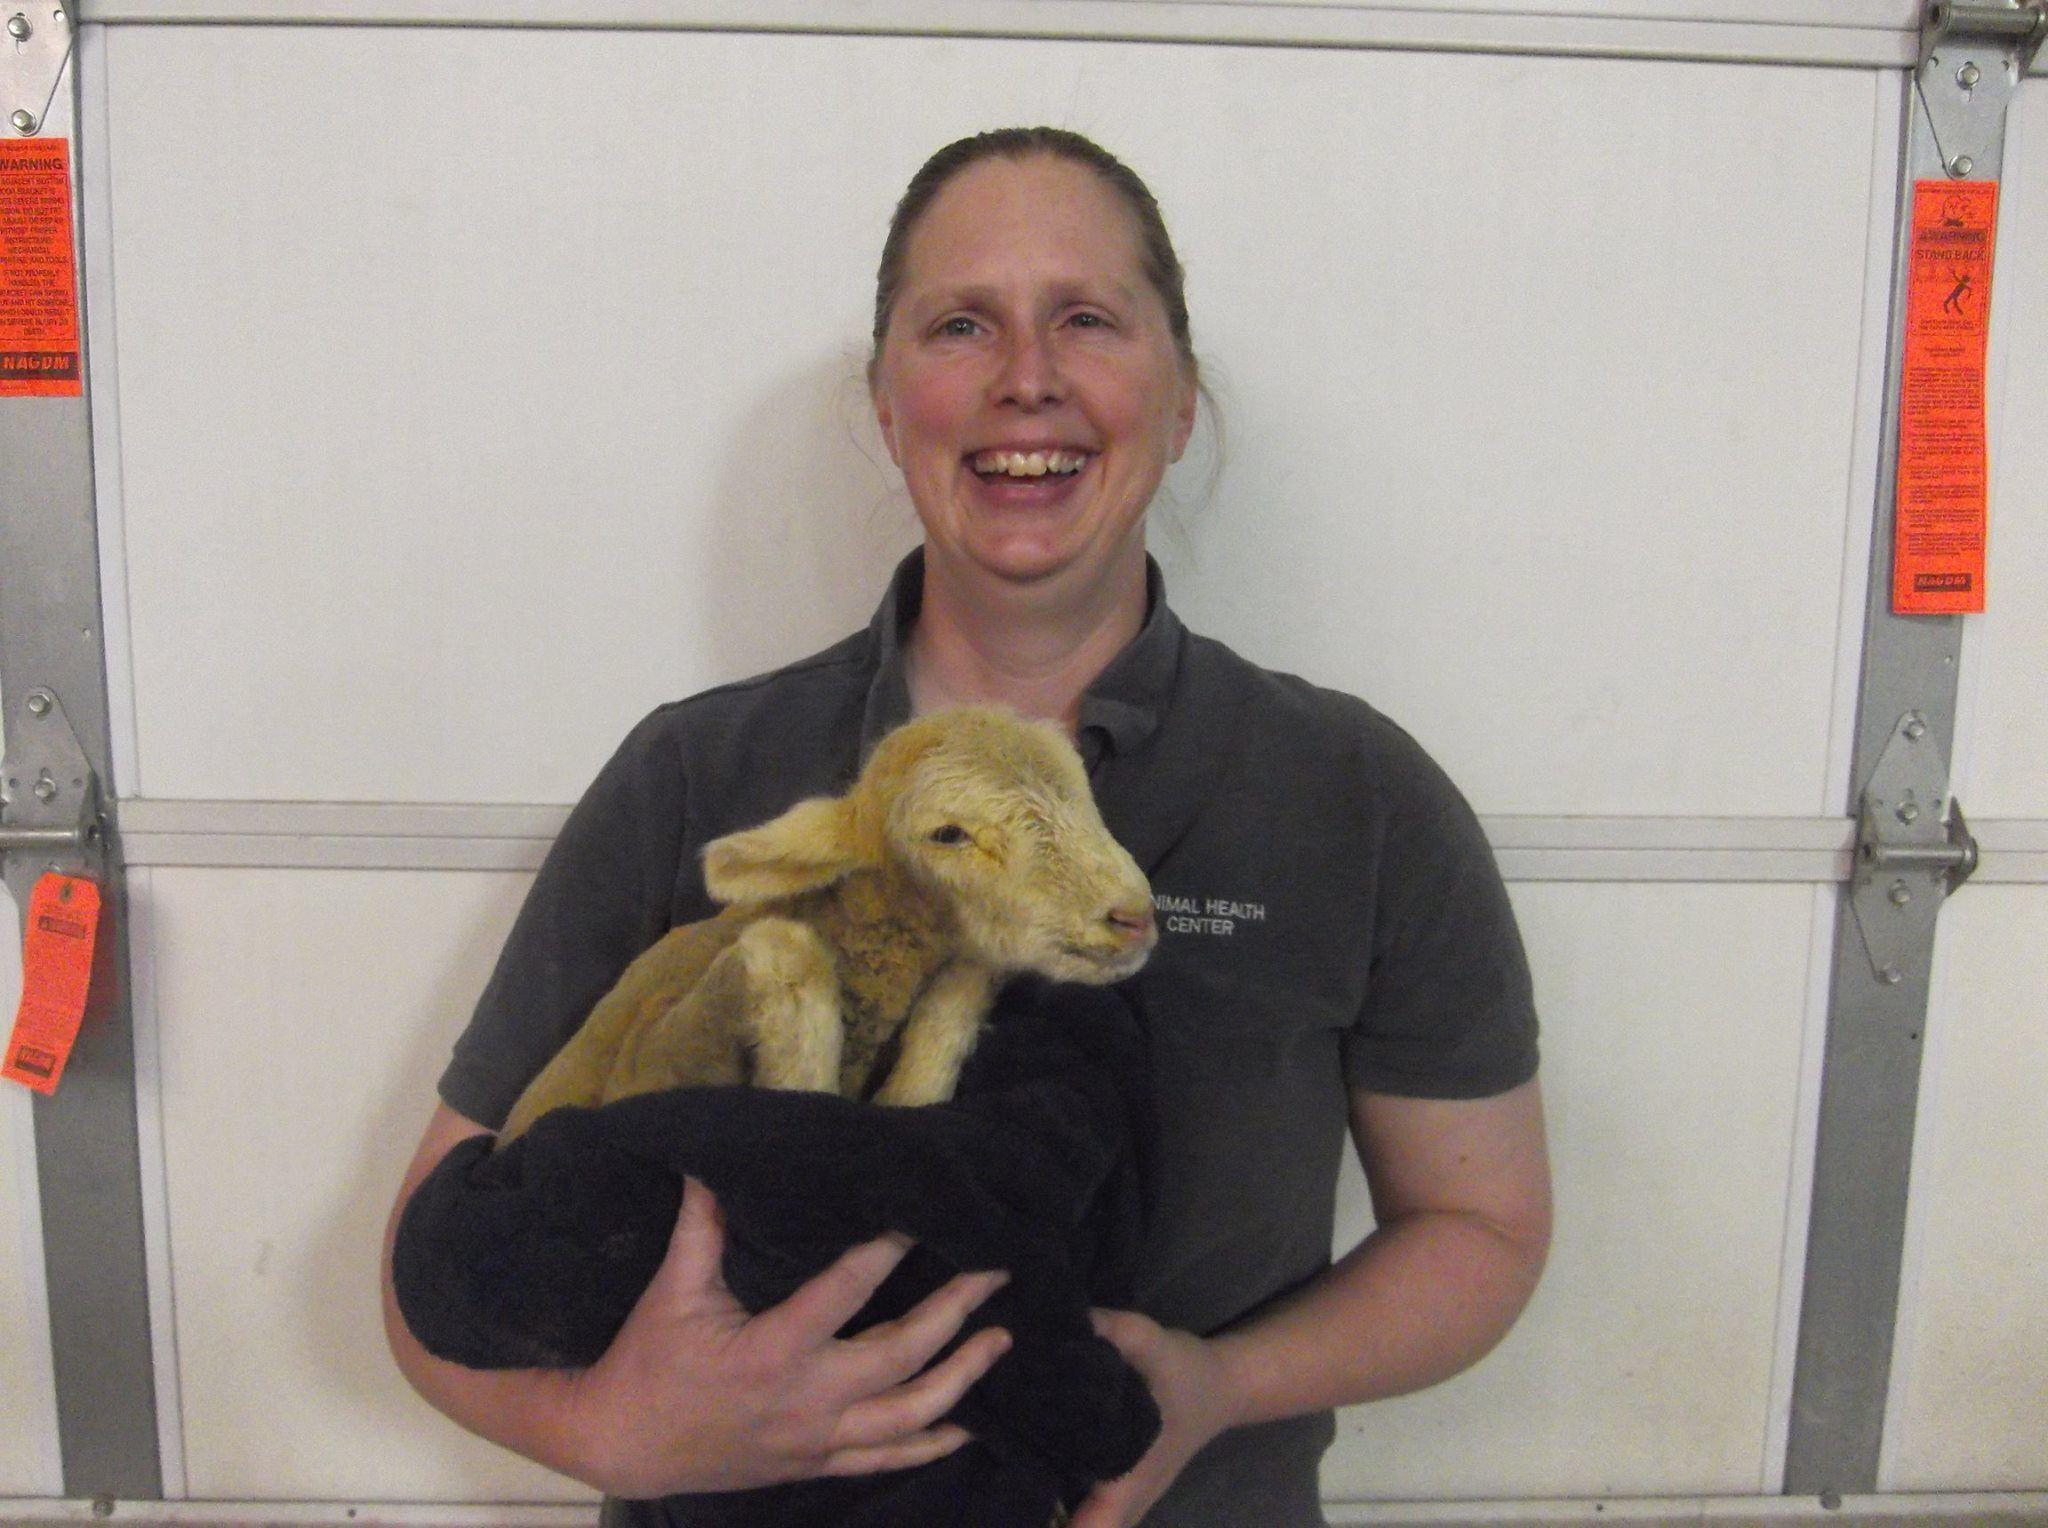 Garver's Animal Health Center image 50